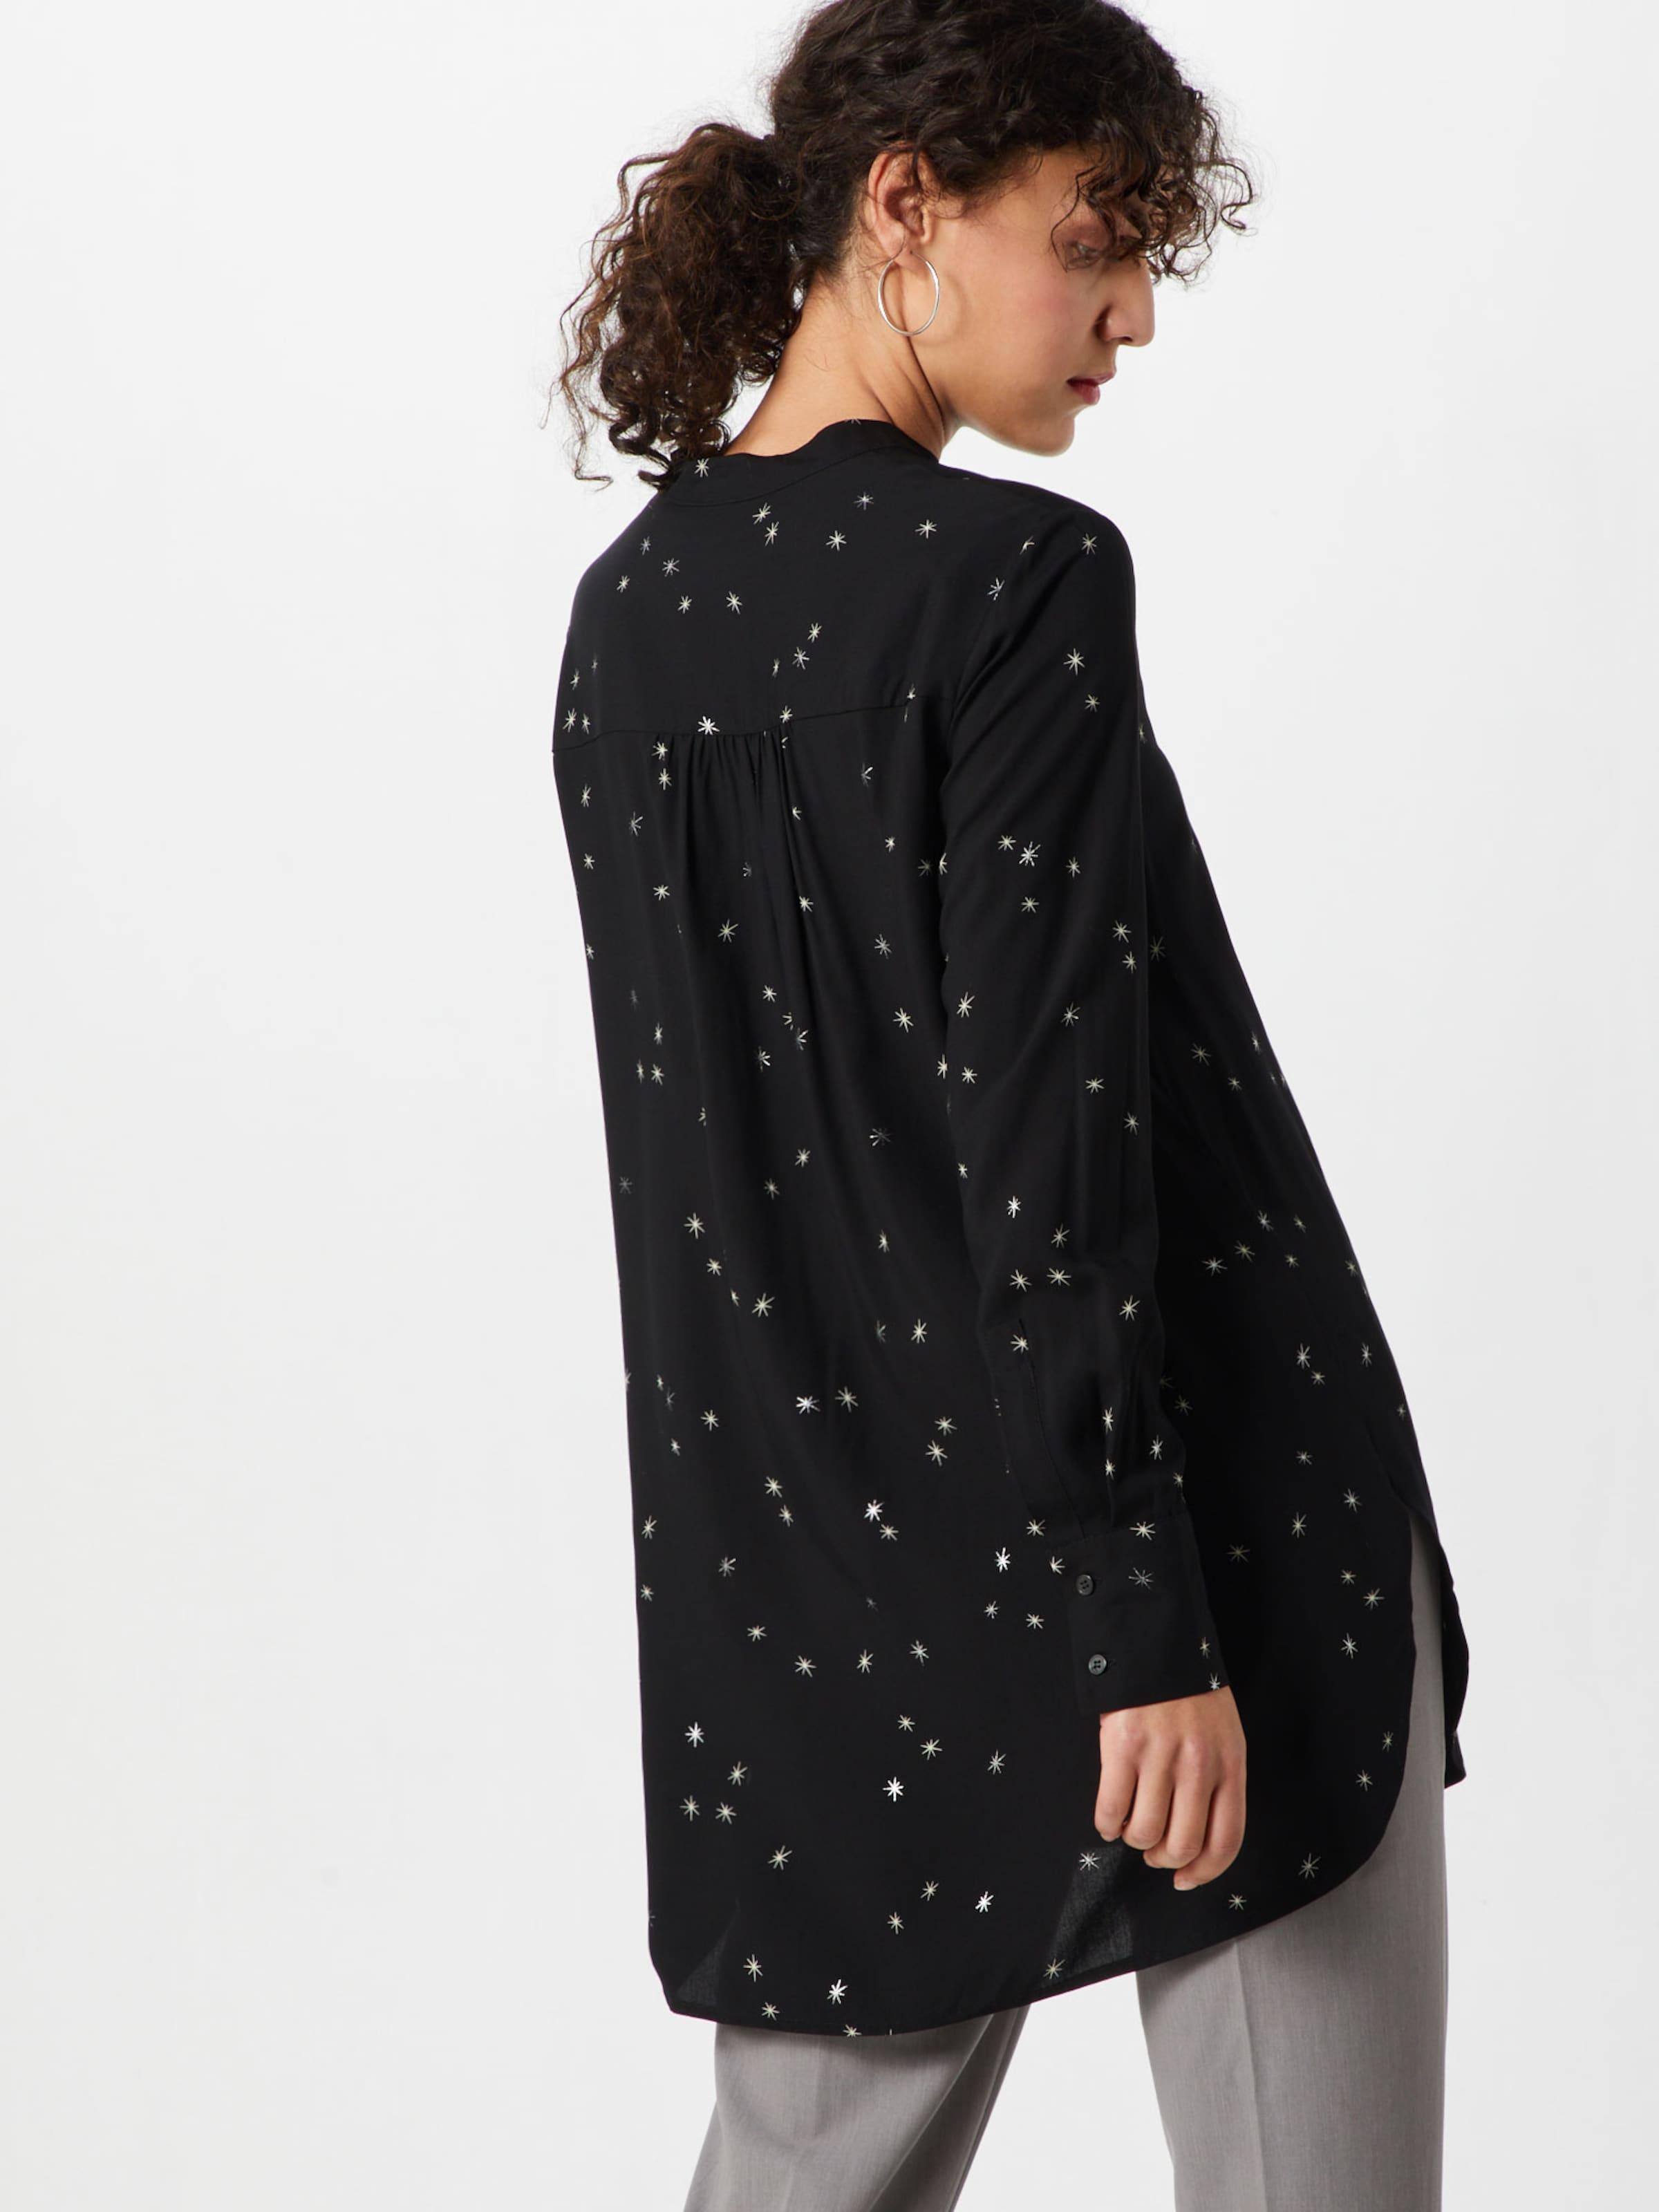 Opus NoirBlanc Chemisier 'fubin Star' En v8wmyNn0OP